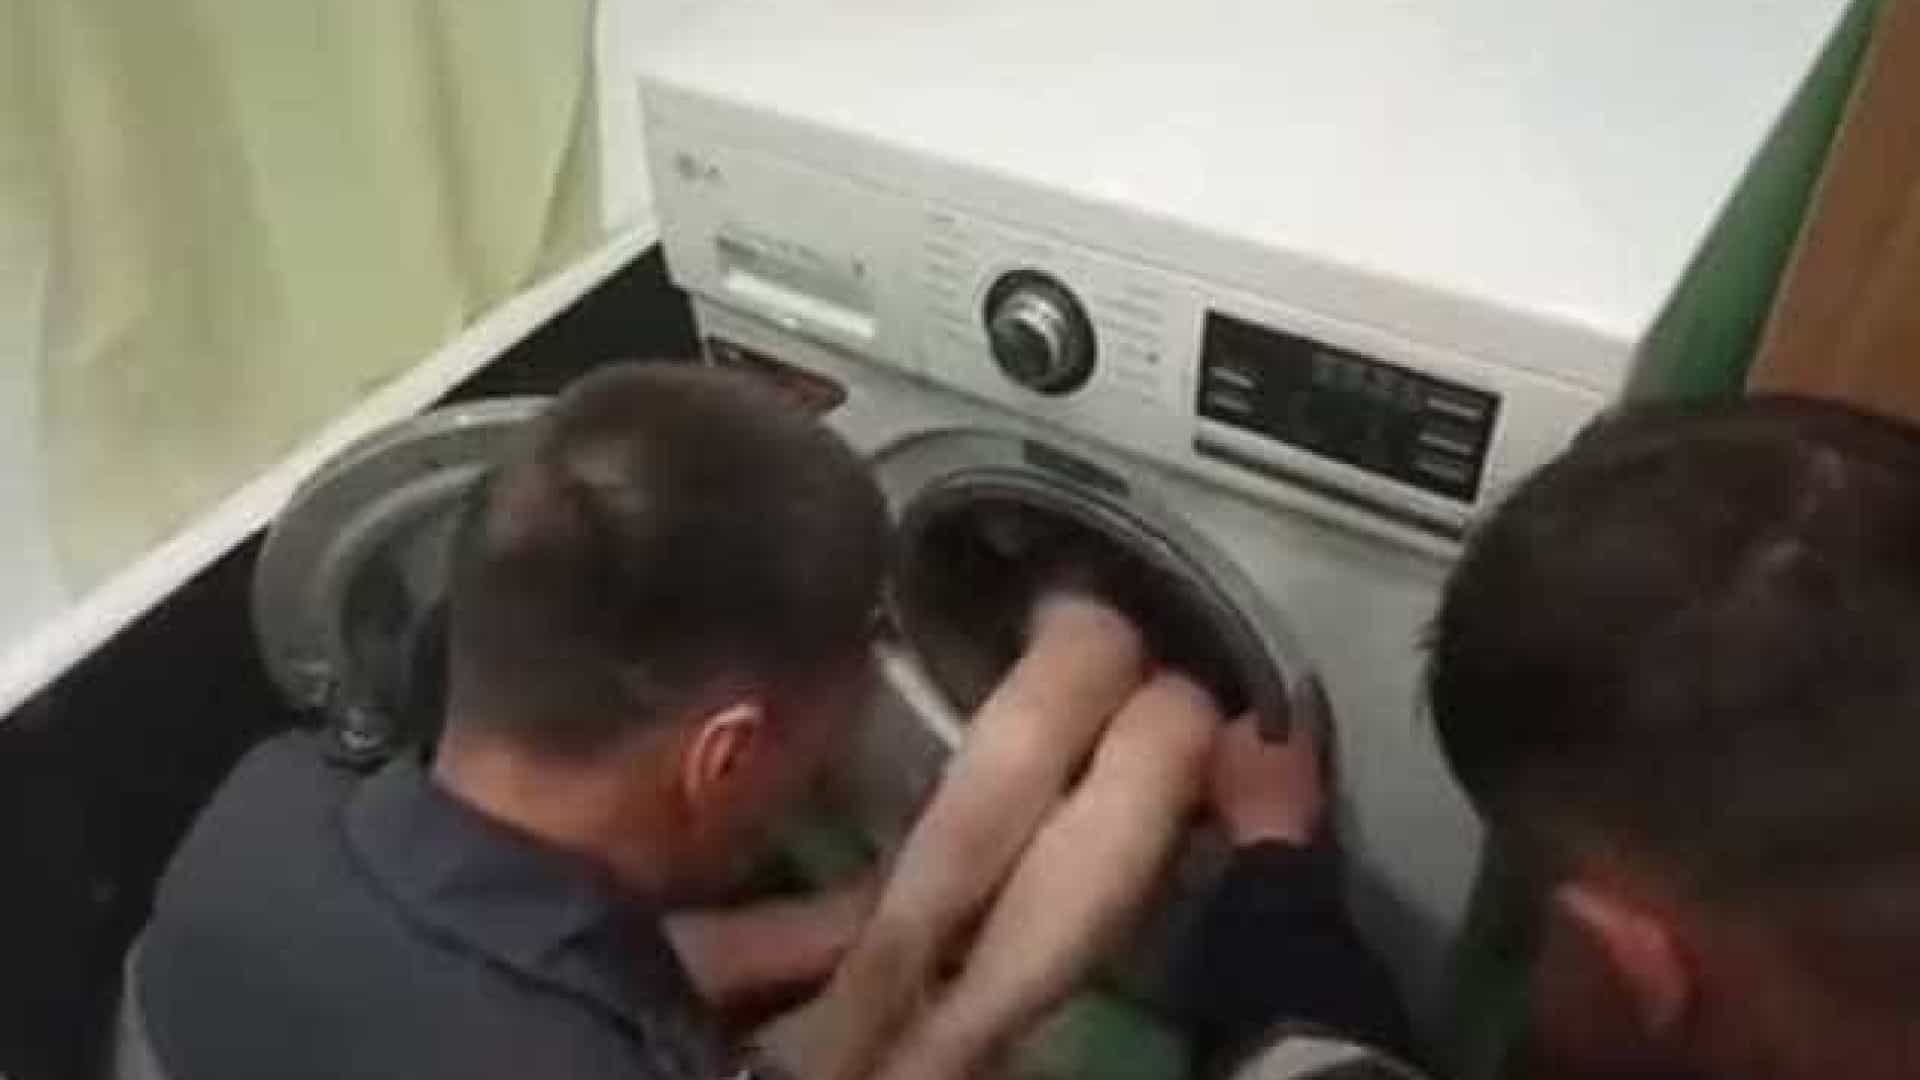 4958898ef964 Criança presa em máquina de lavar roupa enquanto brincava às escondidas